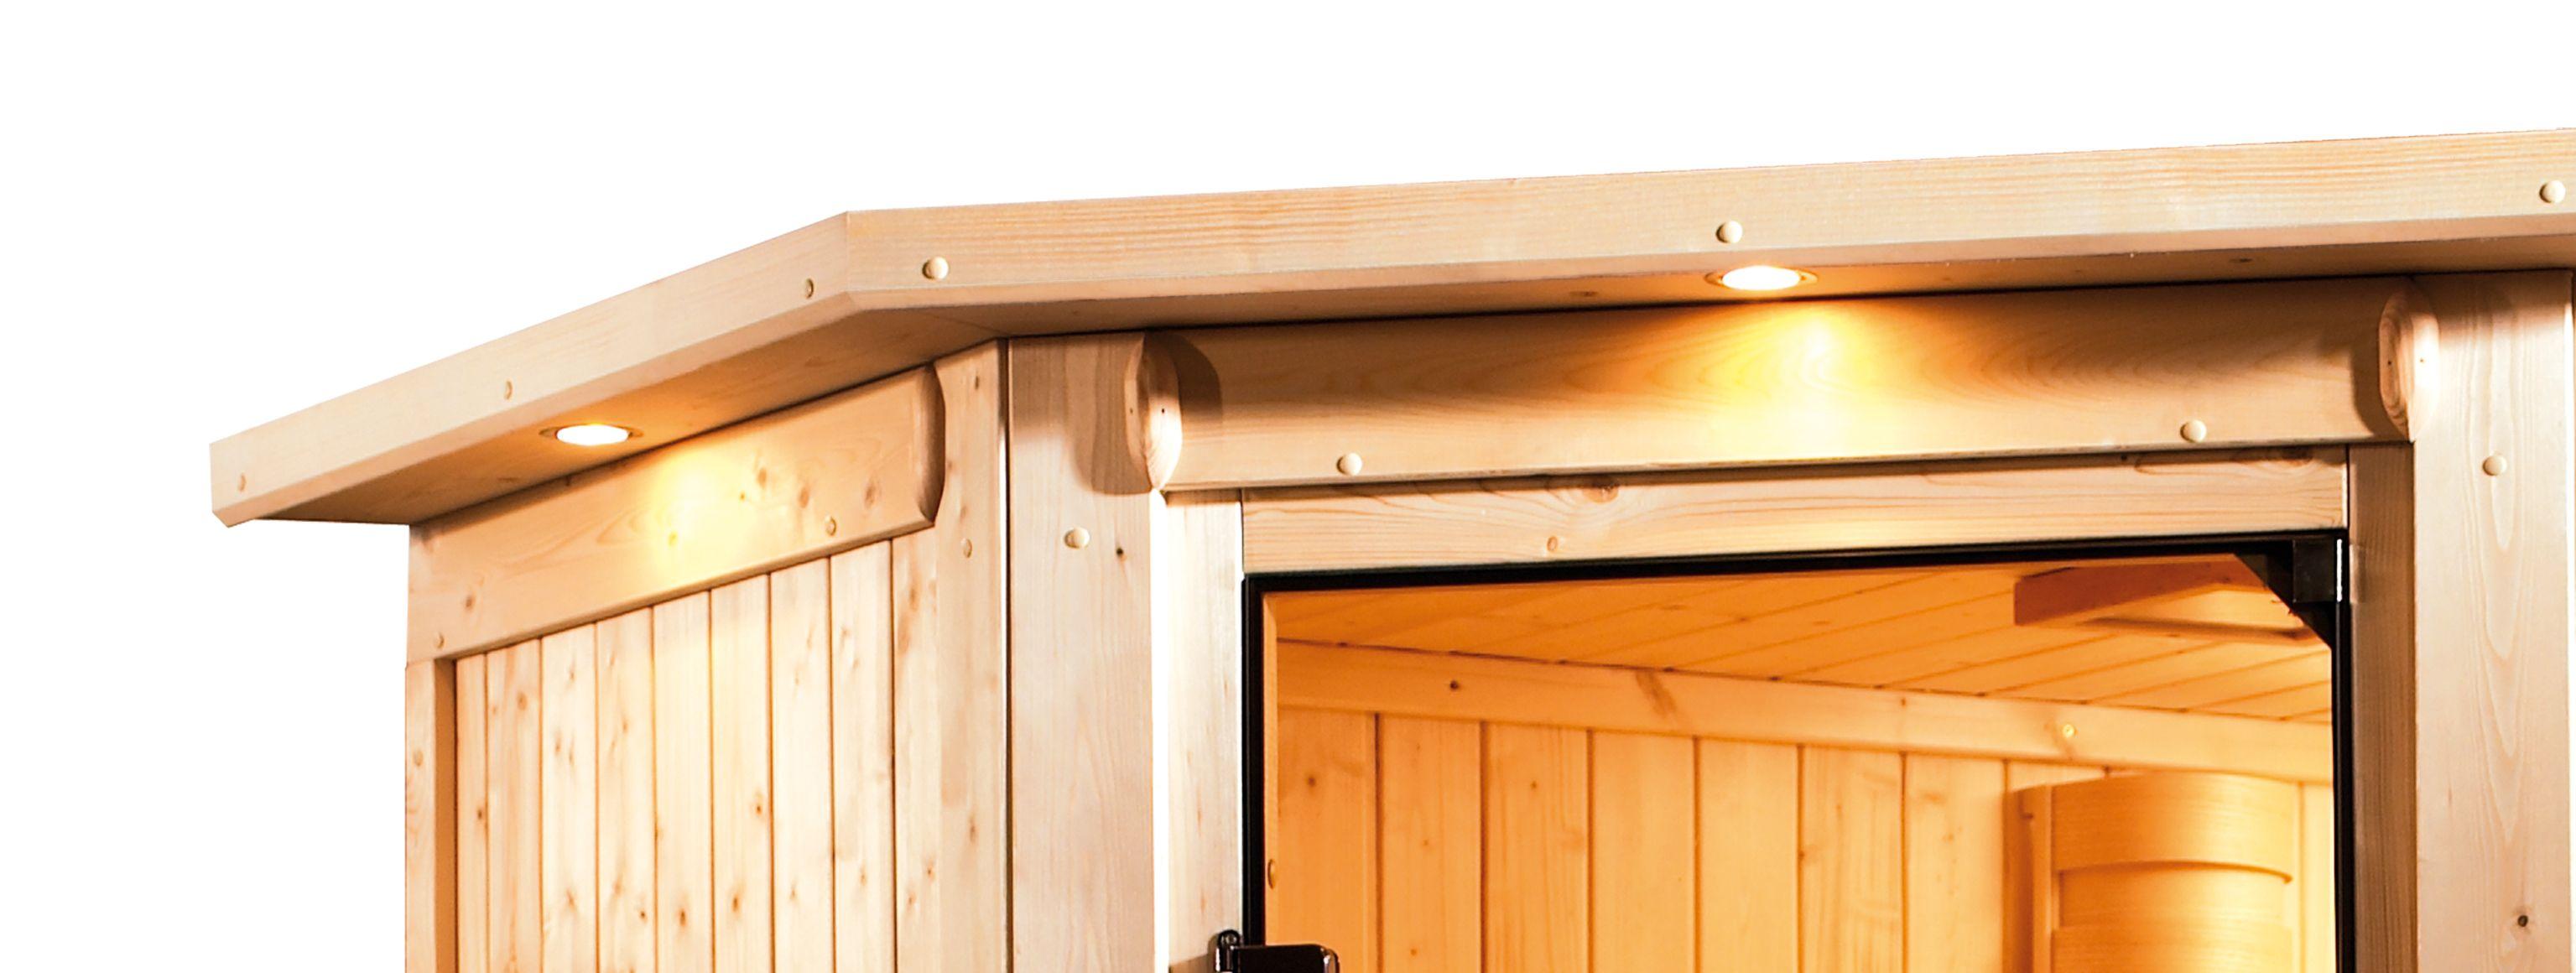 Woodfeeling Sauna Jada 38mm Dachkranz Saunaofen 9 kW intern Bild 4